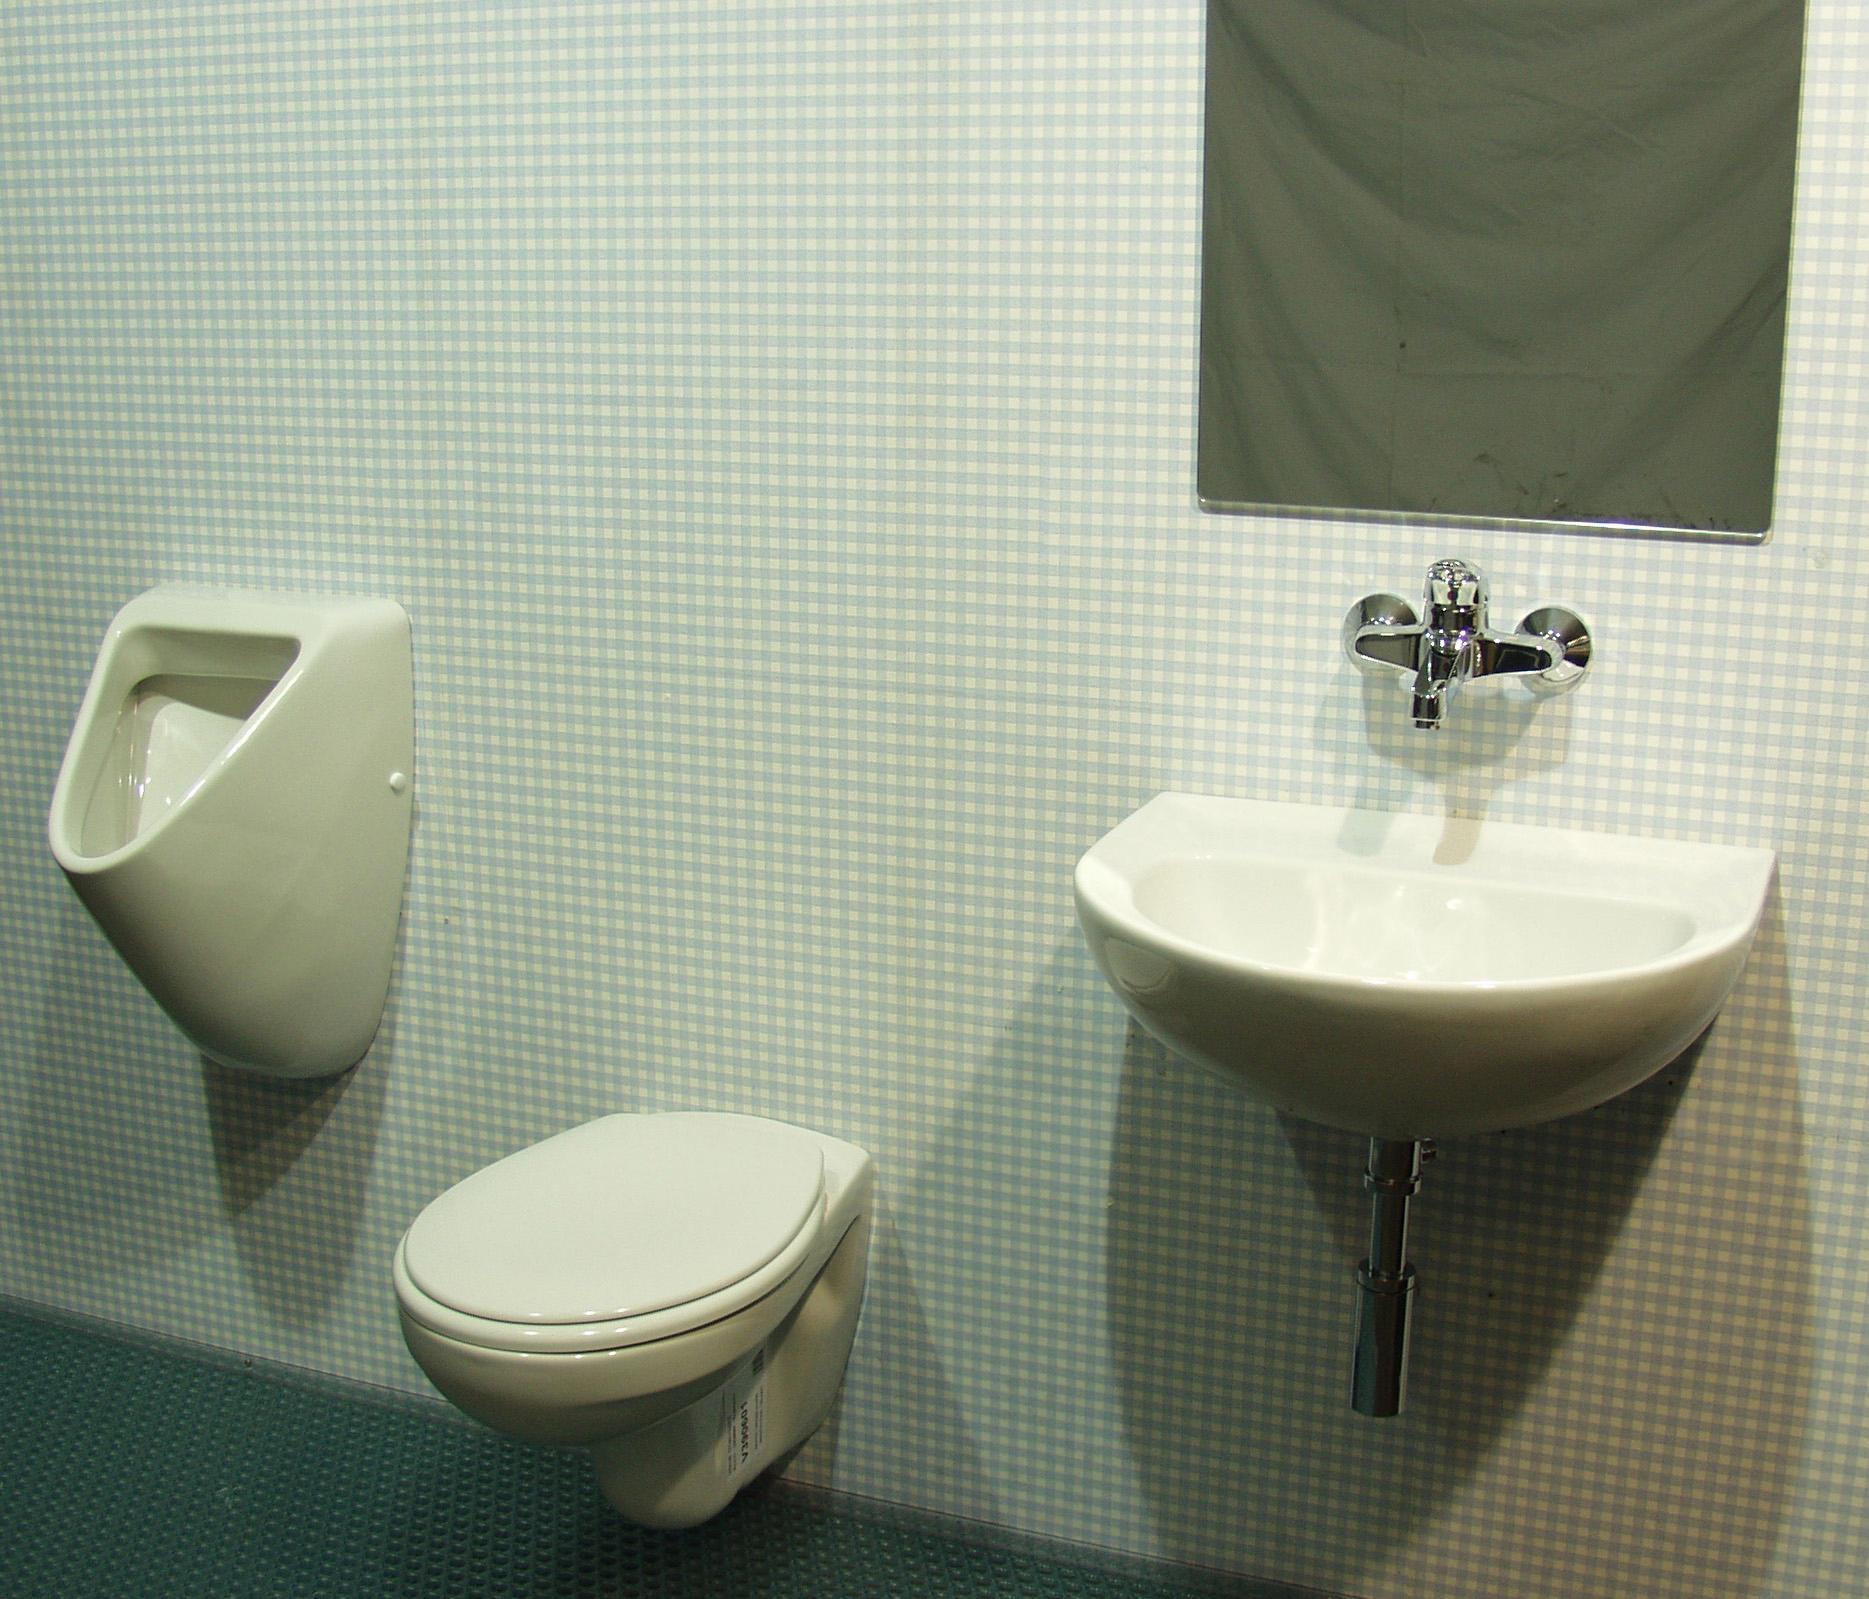 eurovit absaugeurinal zulauf senkrecht von oben urinals from ideal standard architonic. Black Bedroom Furniture Sets. Home Design Ideas